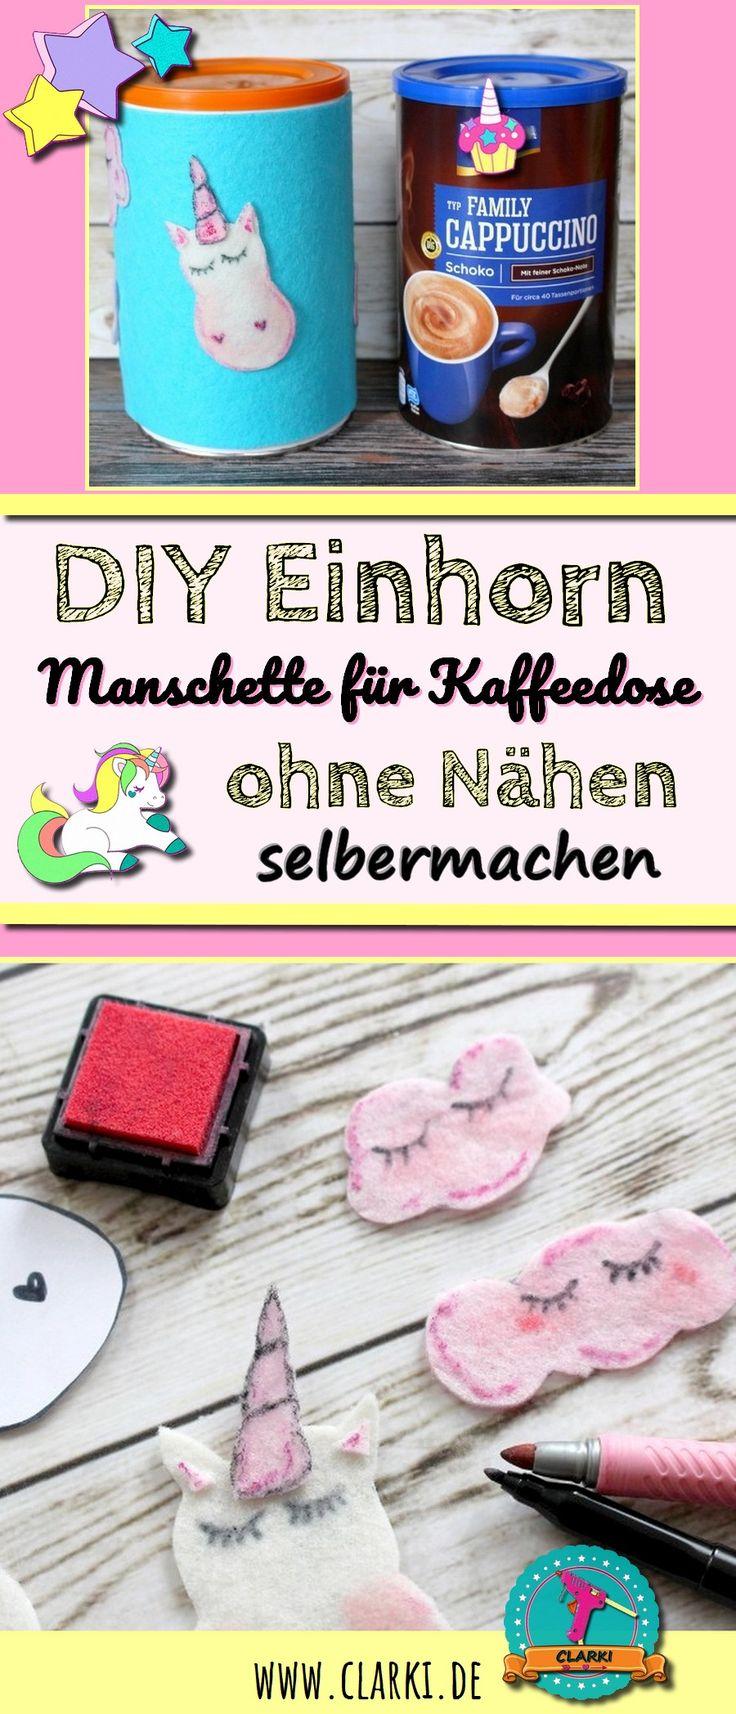 DIY Einhorn Manschette für Kaffeedosen und Gläser ohne Nähen: Aus Filz, Stempelfarbe, Klettband und Co. kannst du ganz leicht eine süße Einhorn Manschette für deine Dosen zaubern.